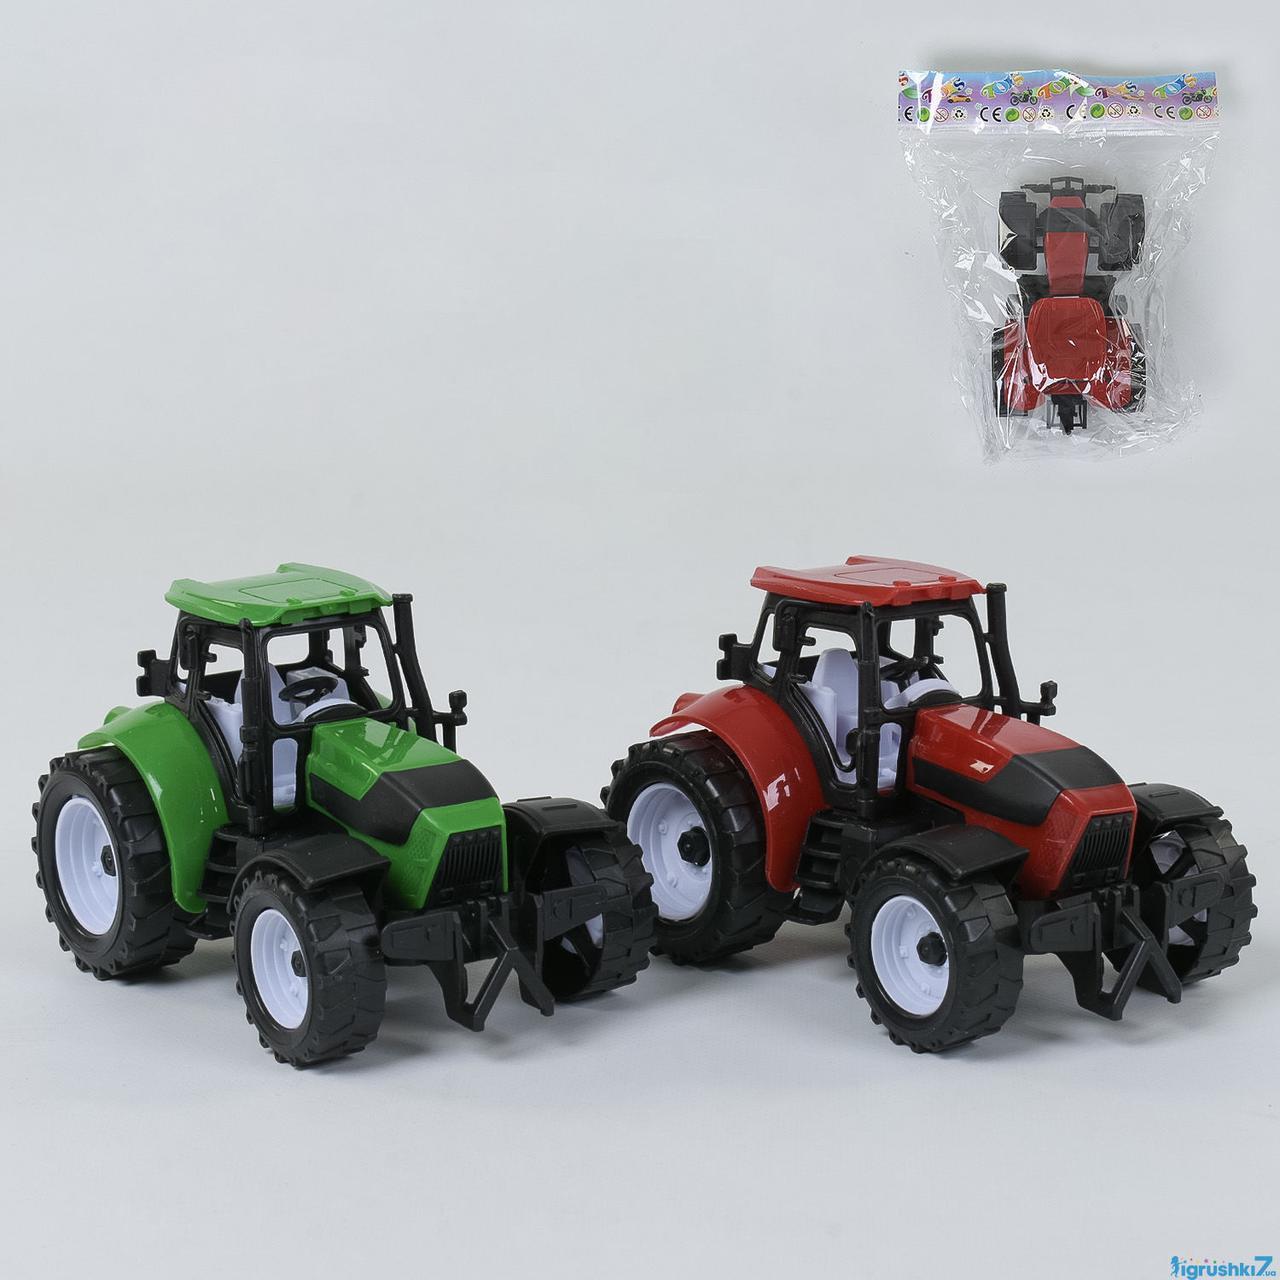 Трактор DS 19 A (192/2) инерция, 2 цвета, 1шт в кульке